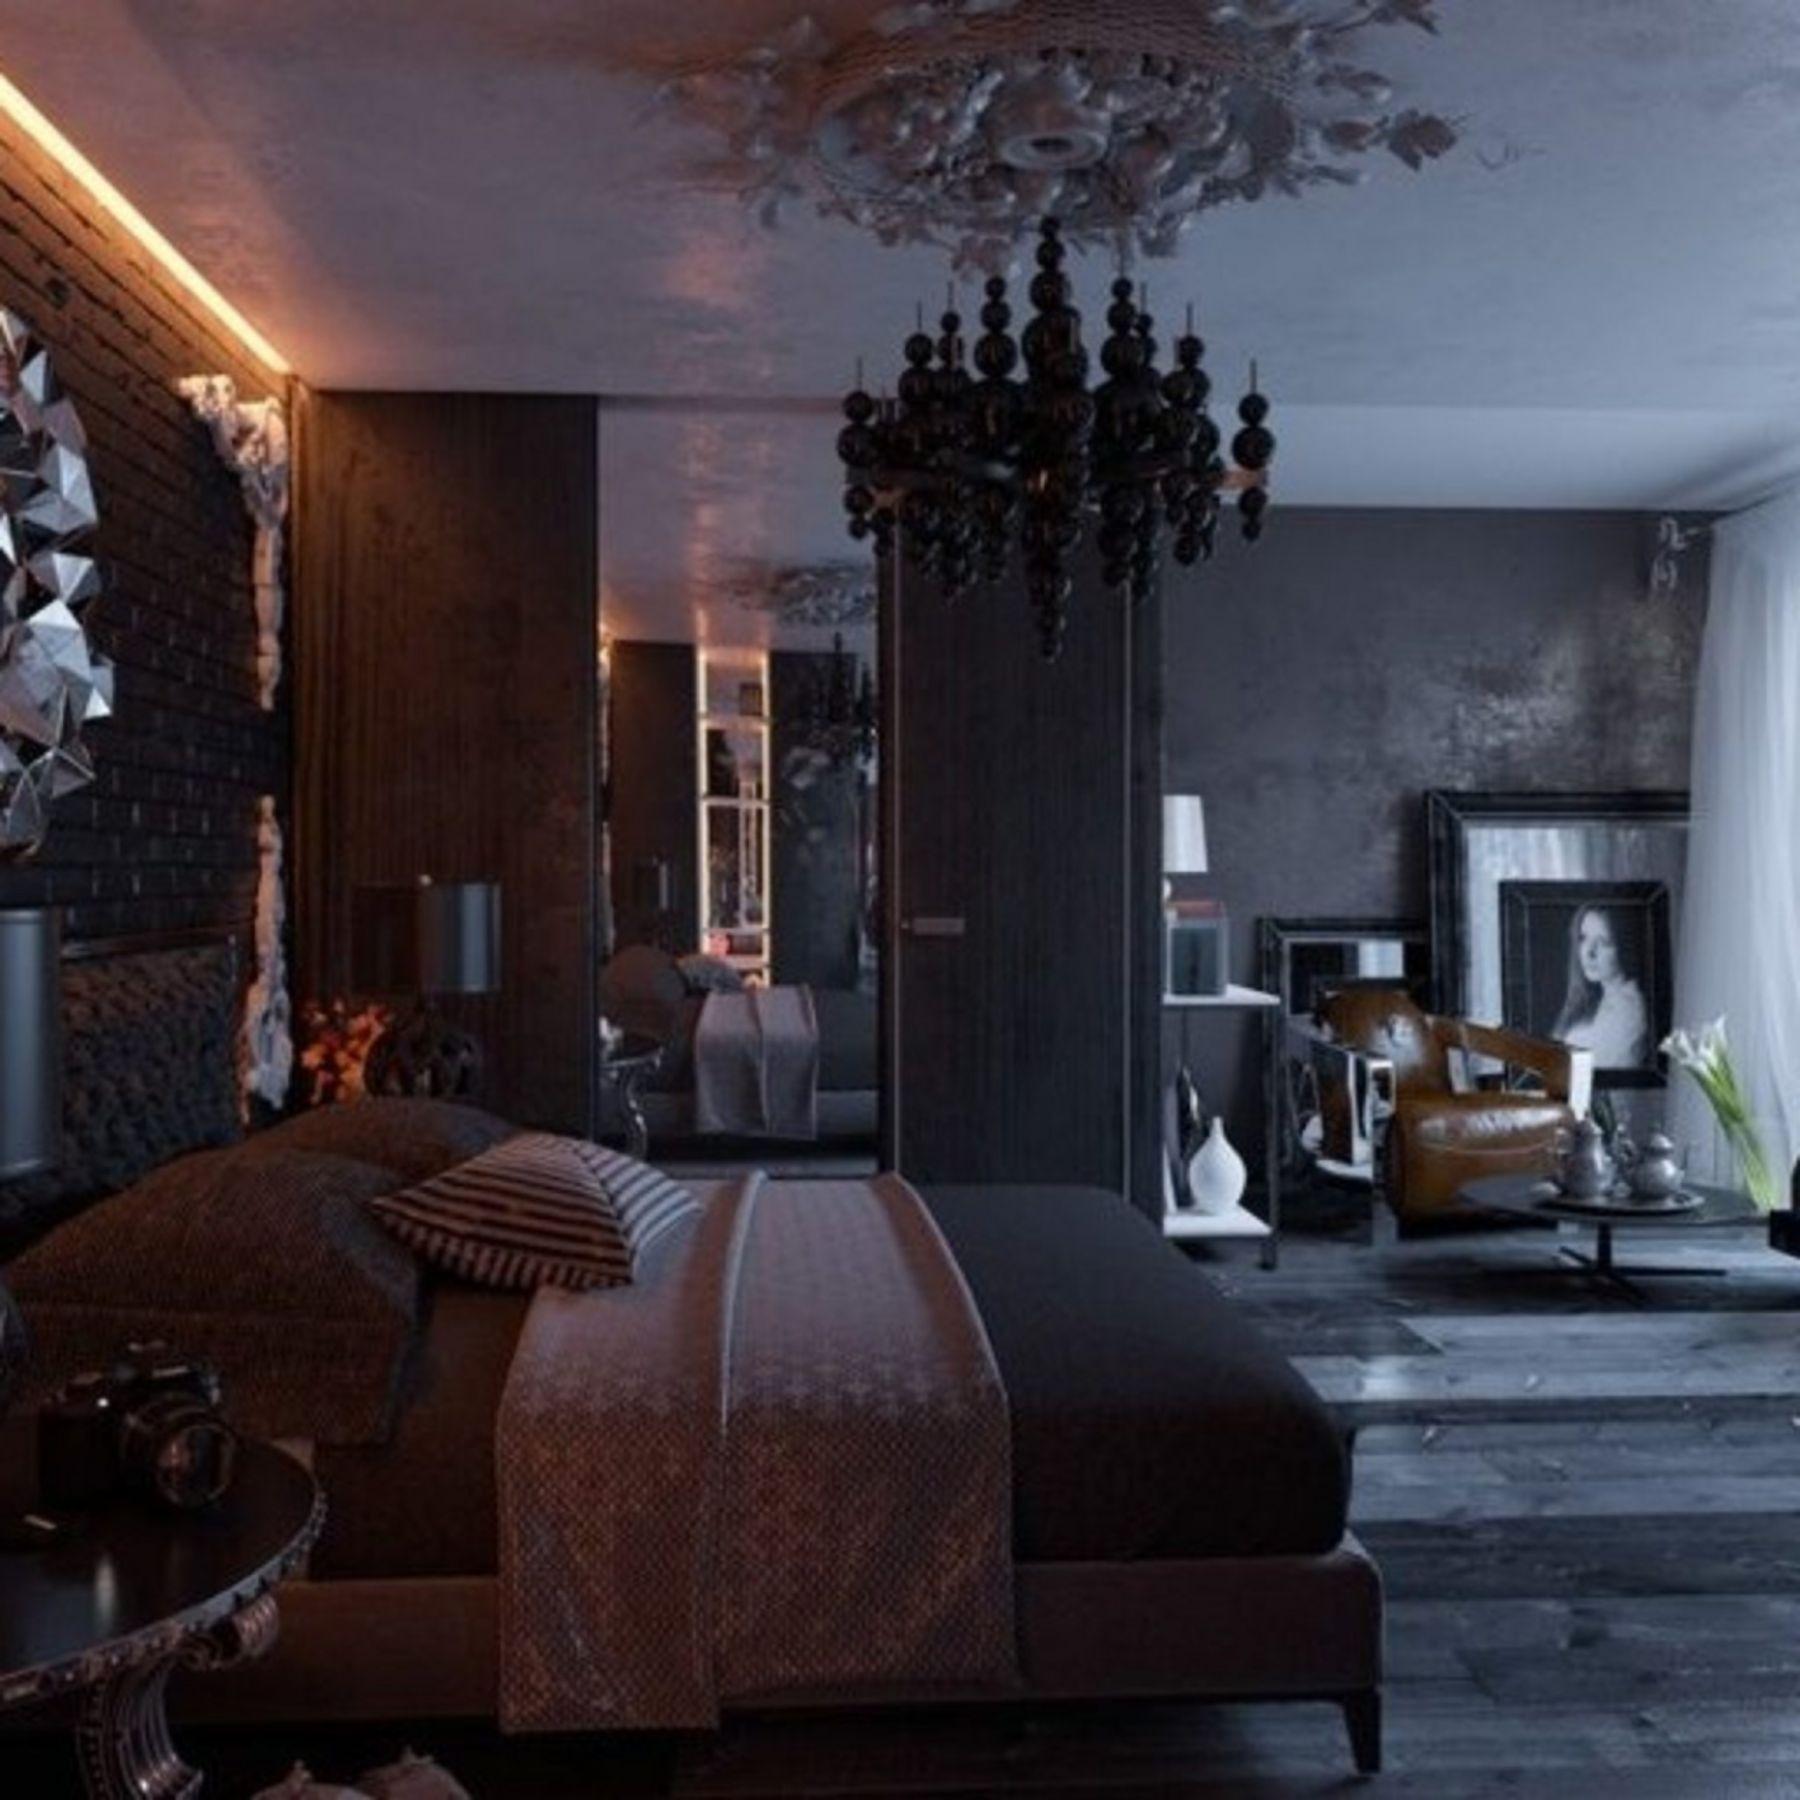 10 Elegant Gothic Bedroom Design Ideas For Your Best Bedroom Gothic Bedroom Victorian Bedroom Modern Victorian Bedroom Victorian bedroom decorating ideas